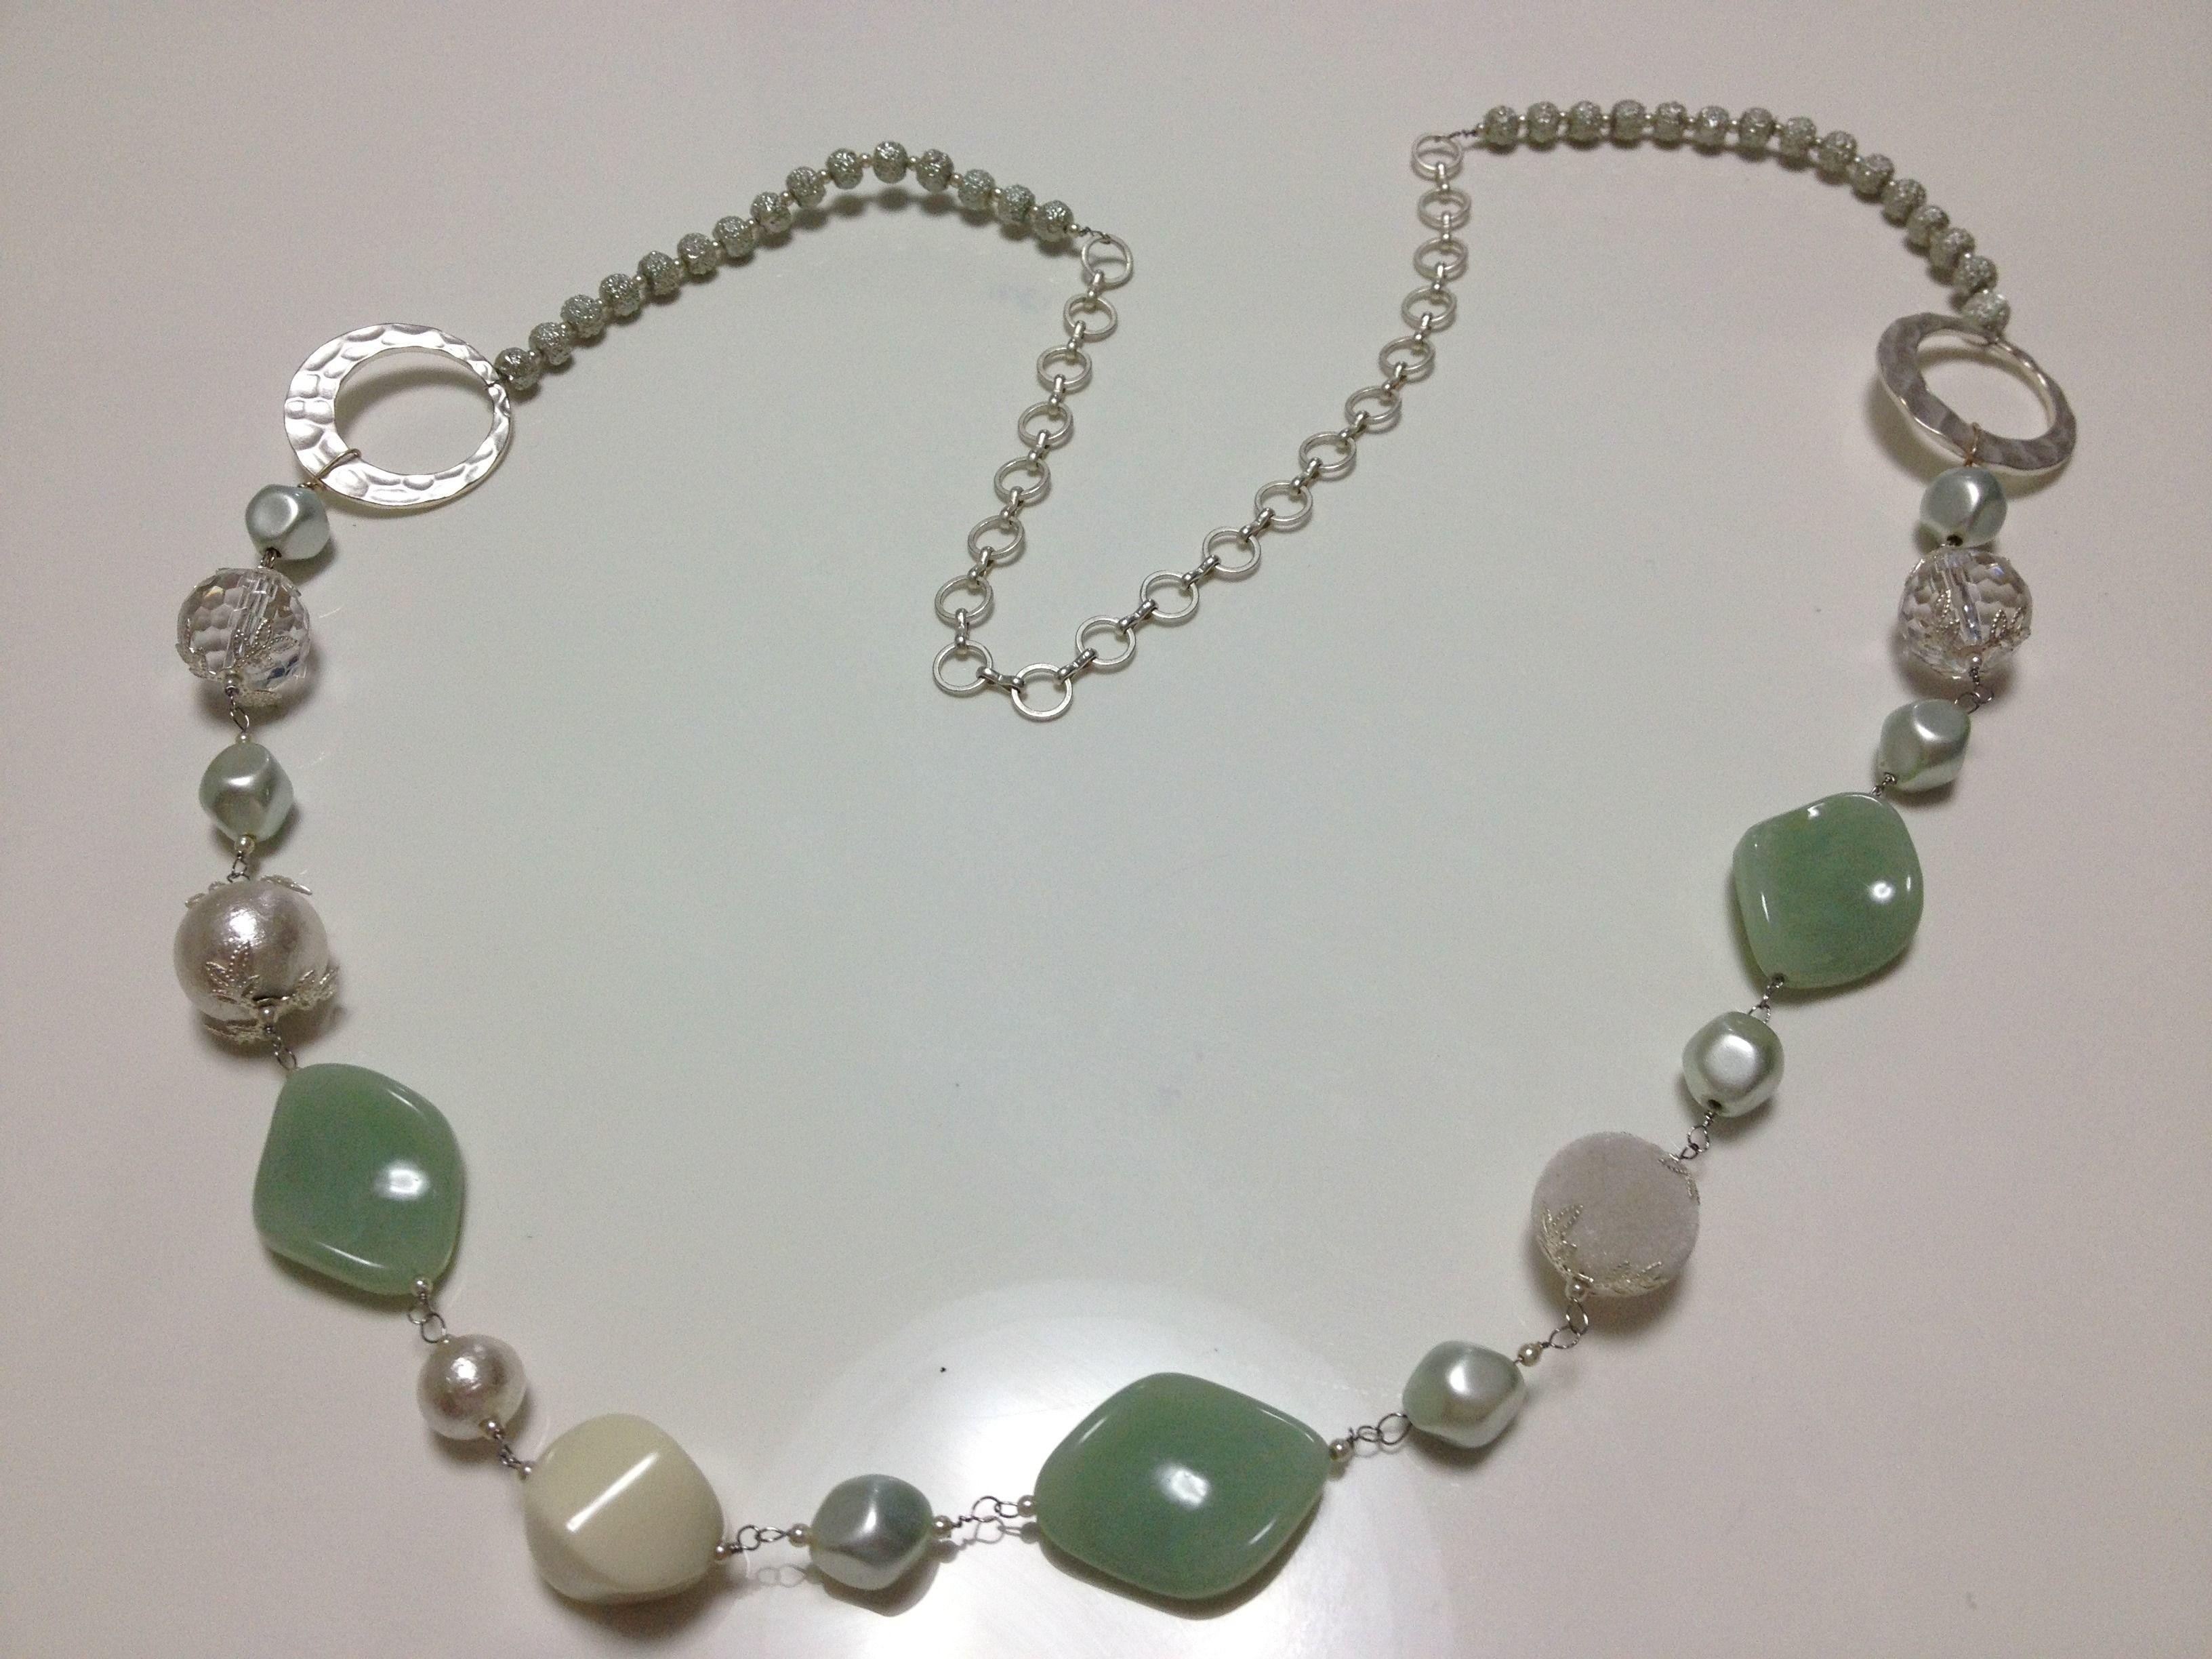 薄いグリーンのネックレス